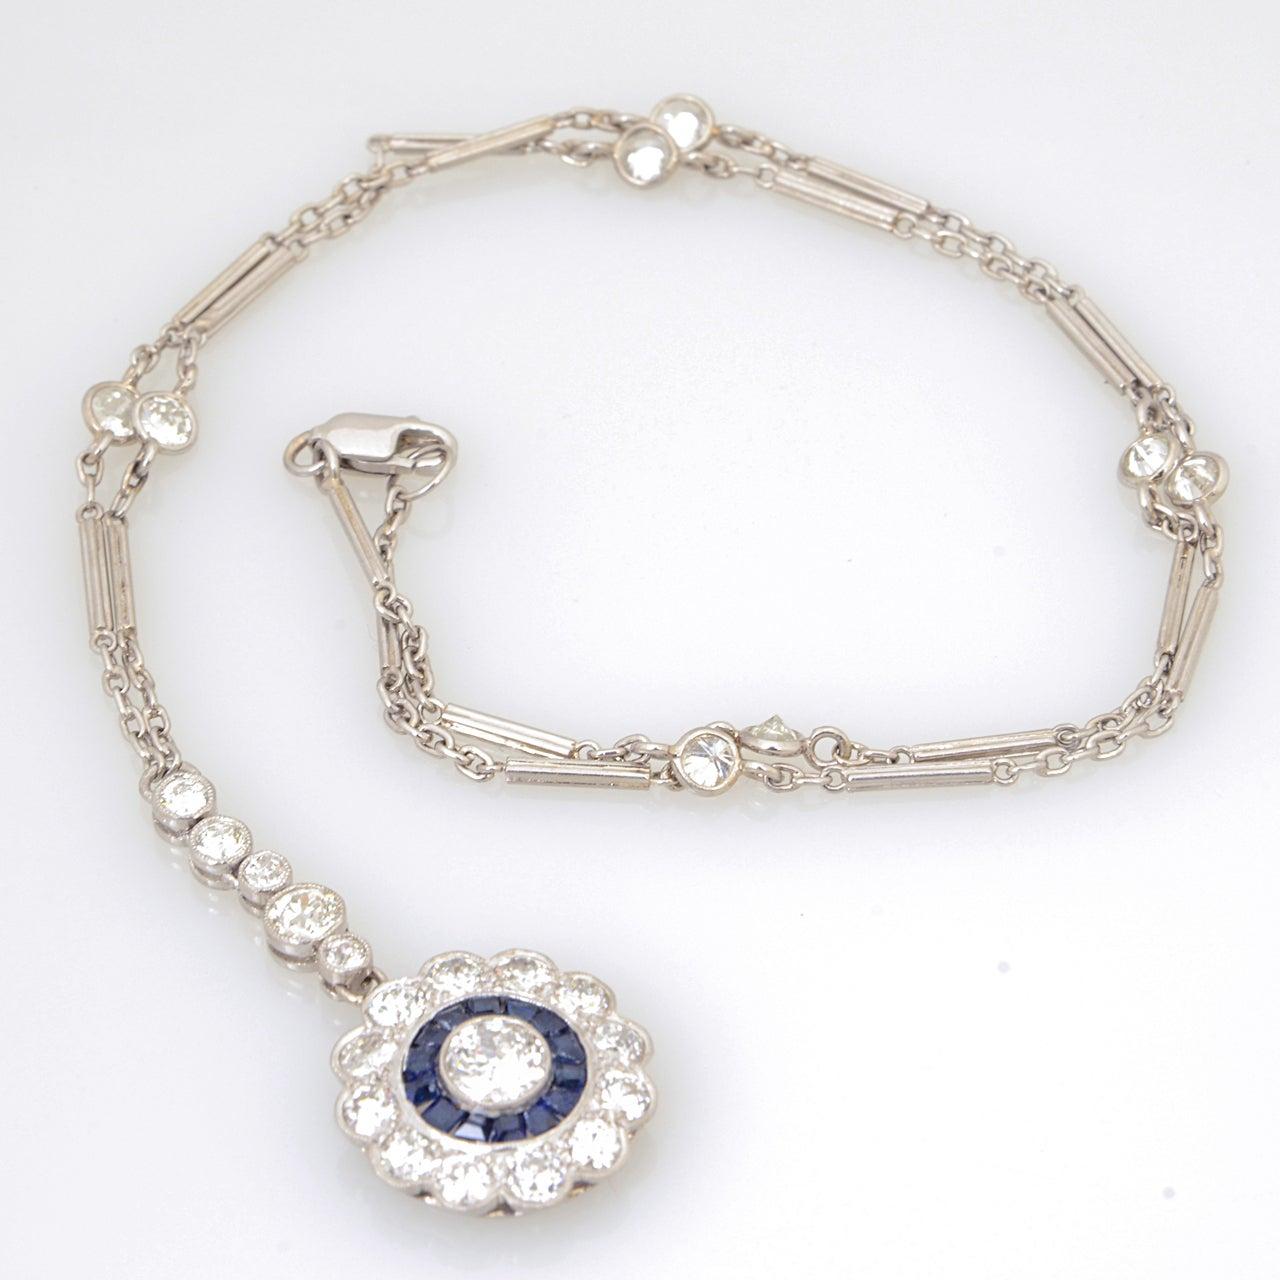 Art Deco Floral Sapphire and Diamond Platinum Drop Pendant Necklace For Sale 2